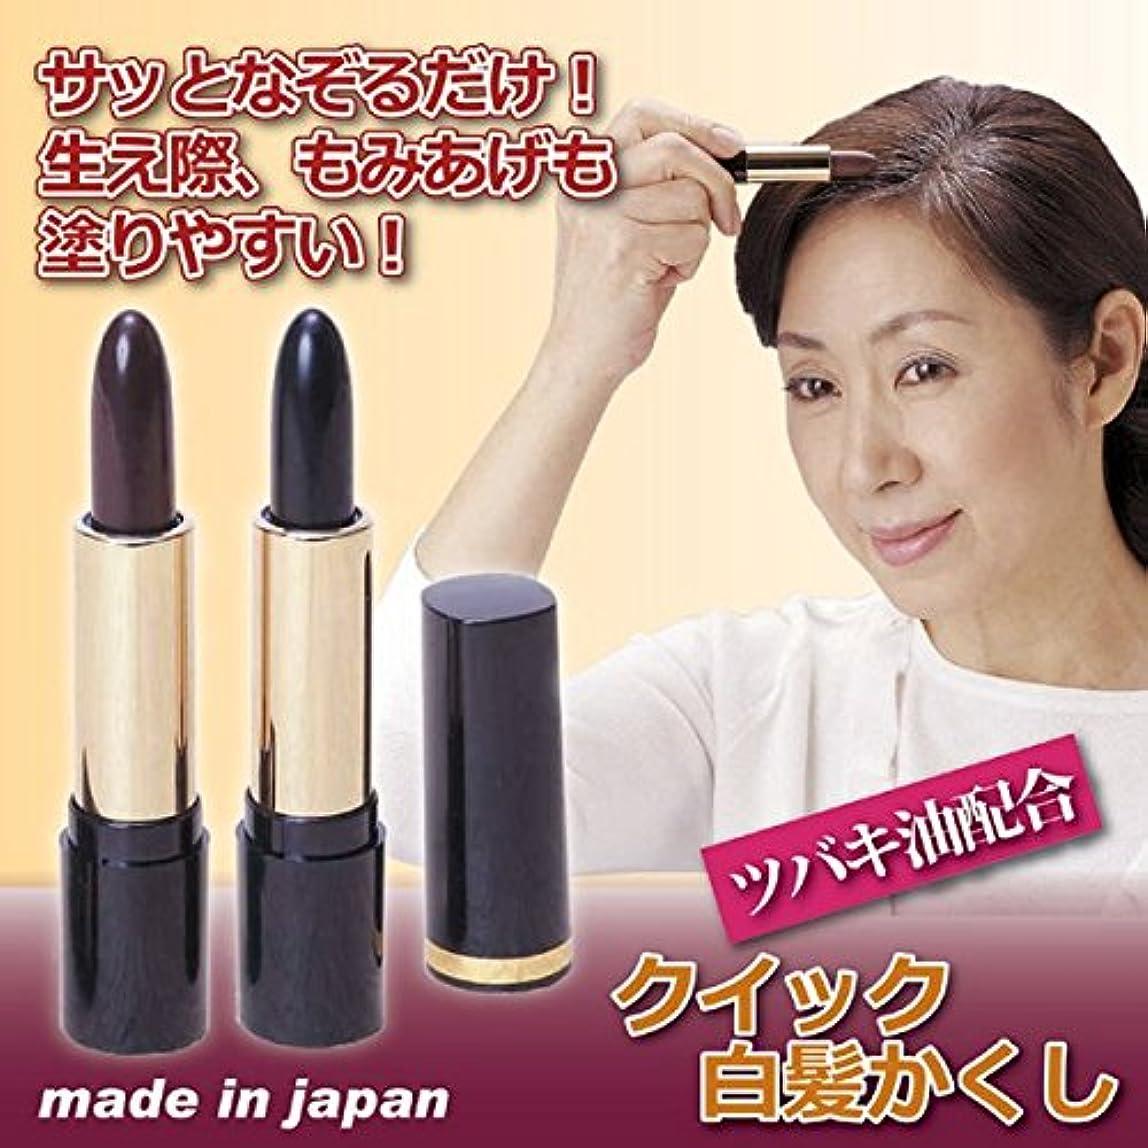 好色なショルダー連続したクイック白髪かくし (男女兼用/ブラック(黒)) 無香料 日本製